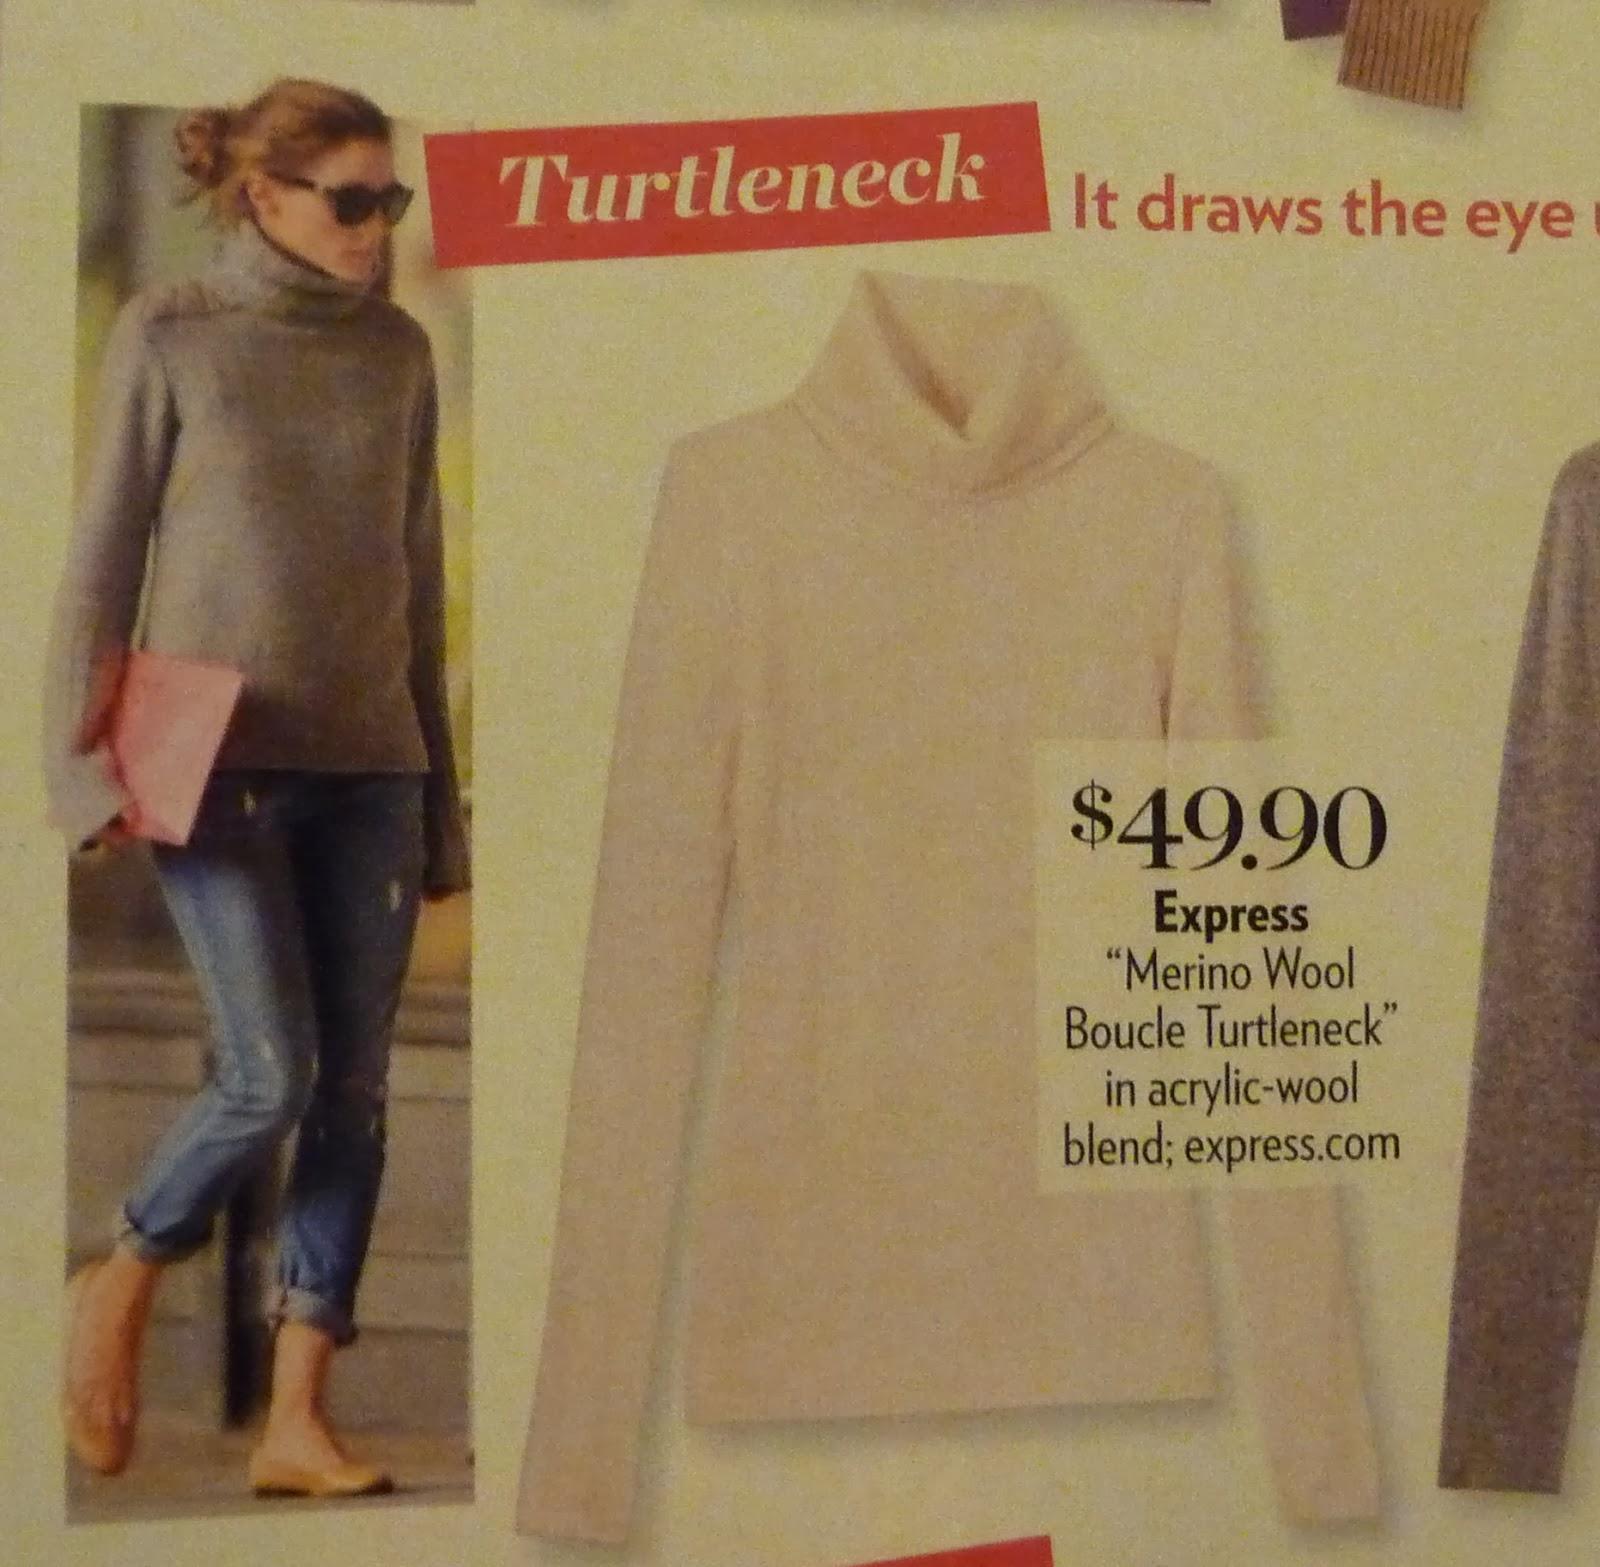 express merino wool boucle turtleneck